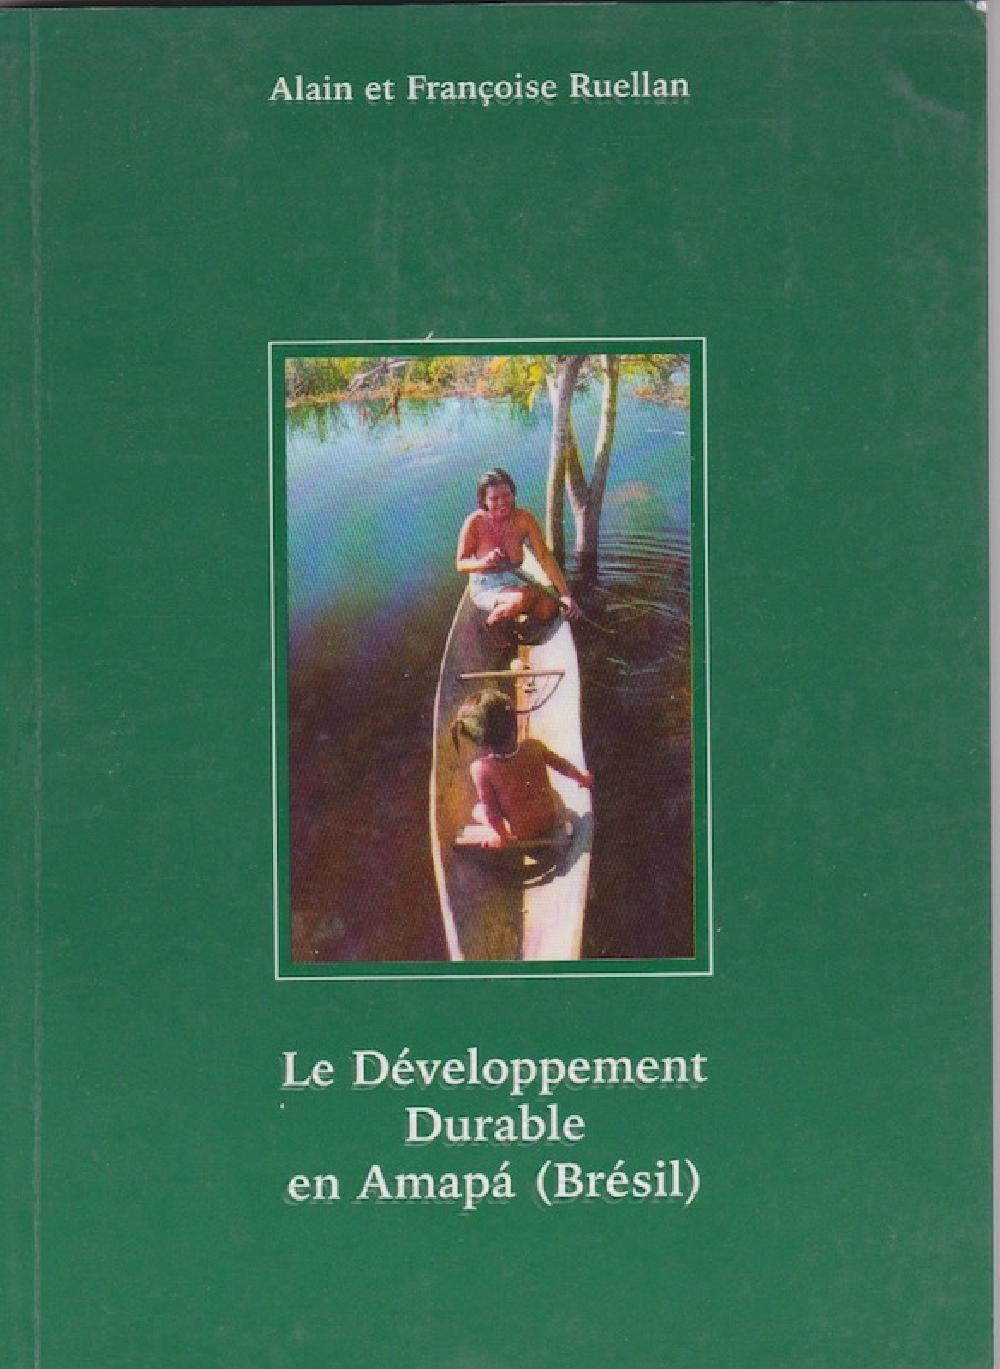 Le développement Durable en Amapa (Brésil)